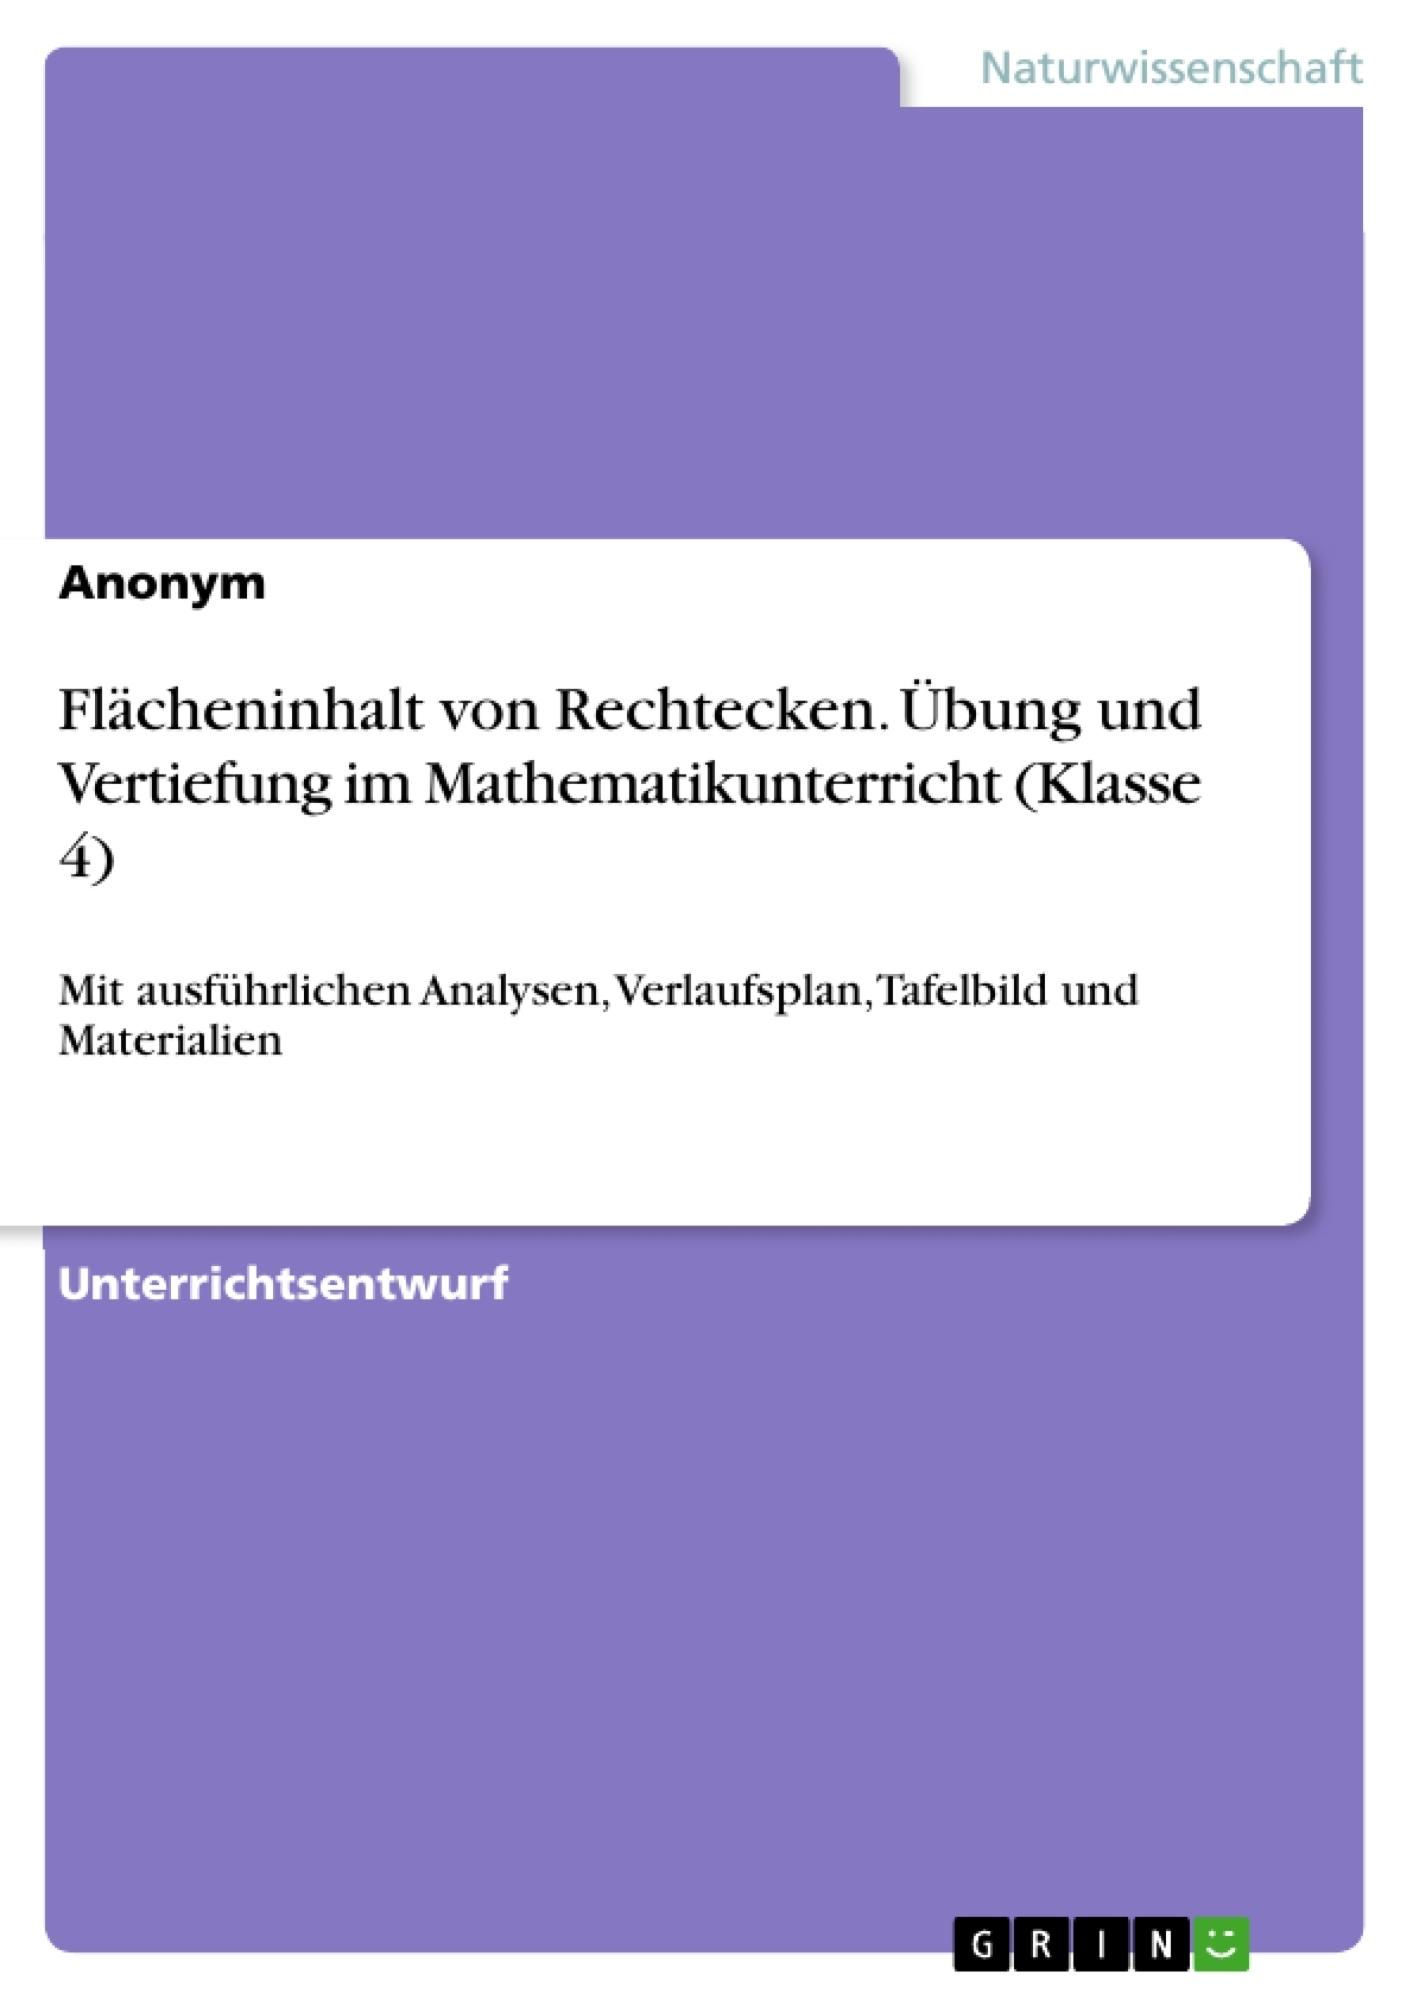 Titel: Flächeninhalt von Rechtecken. Übung und Vertiefung im Mathematikunterricht (Klasse 4)